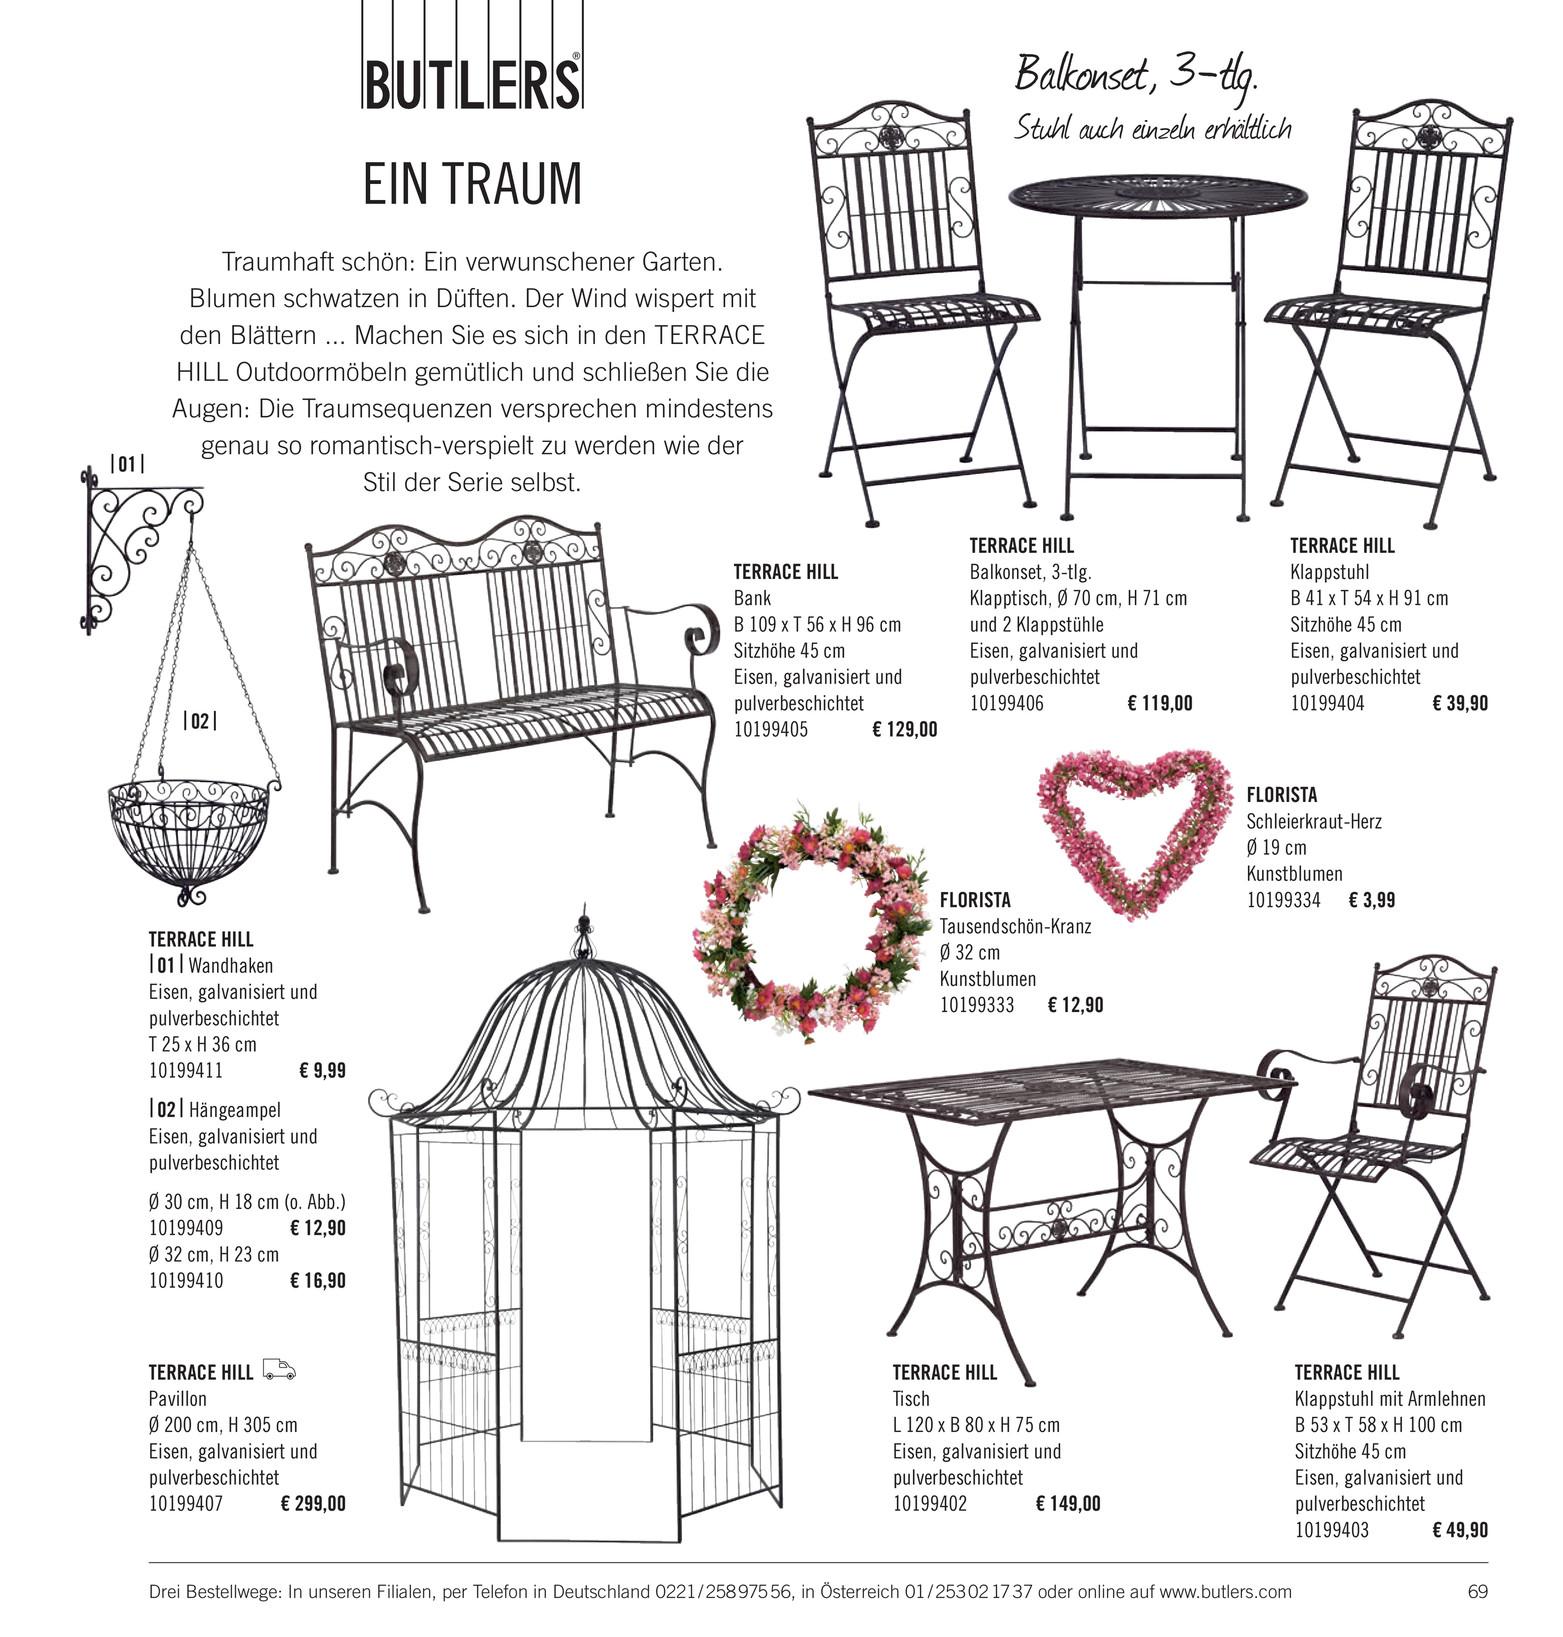 Butlers Katalog De Sonnenst Cke Katalog 2014 Seite 68 69